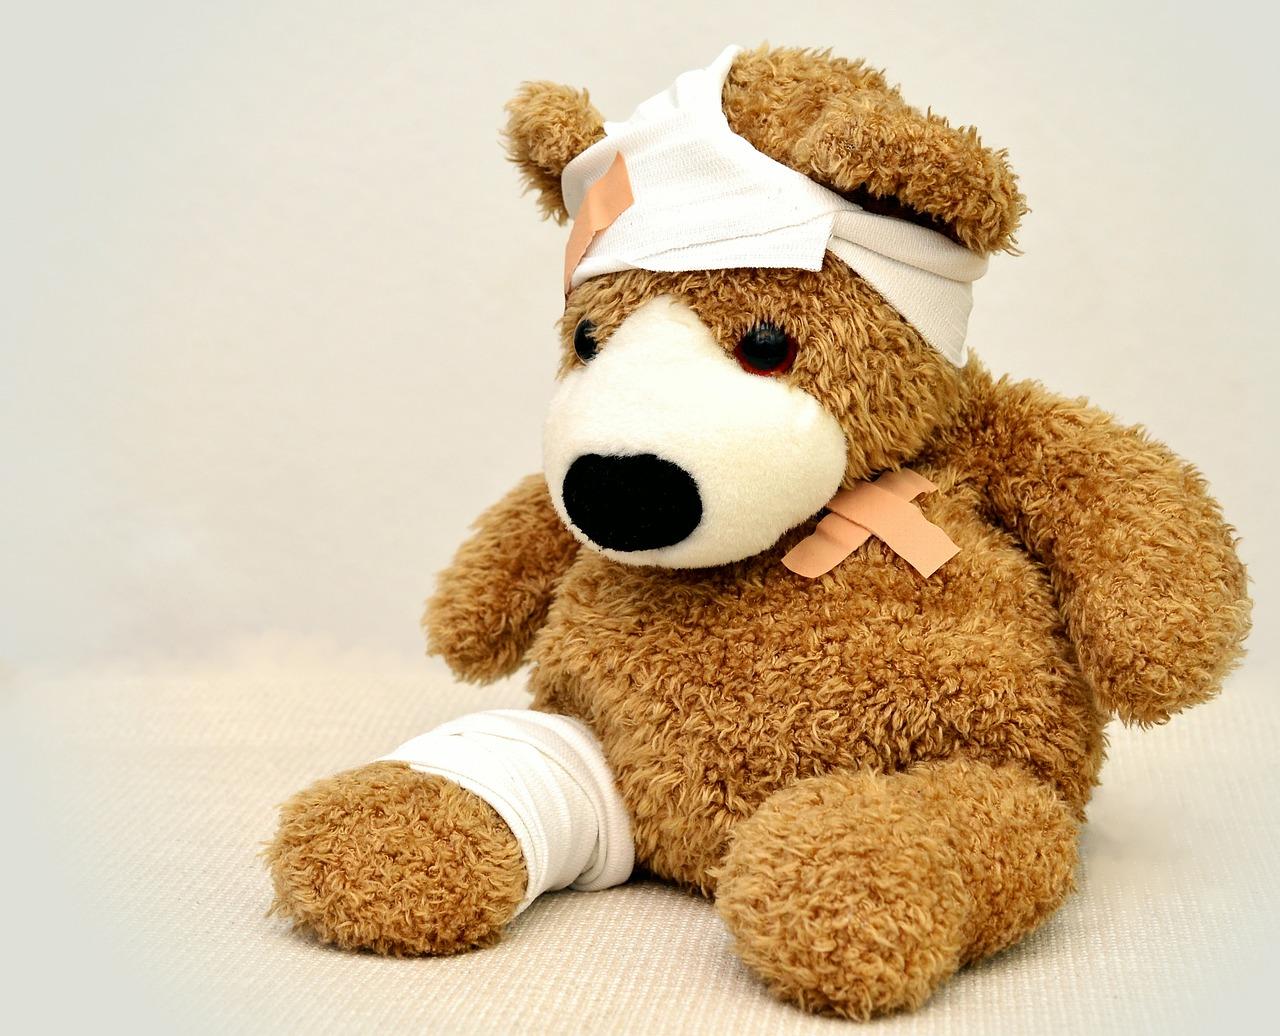 teddy-562960_1280.jpg